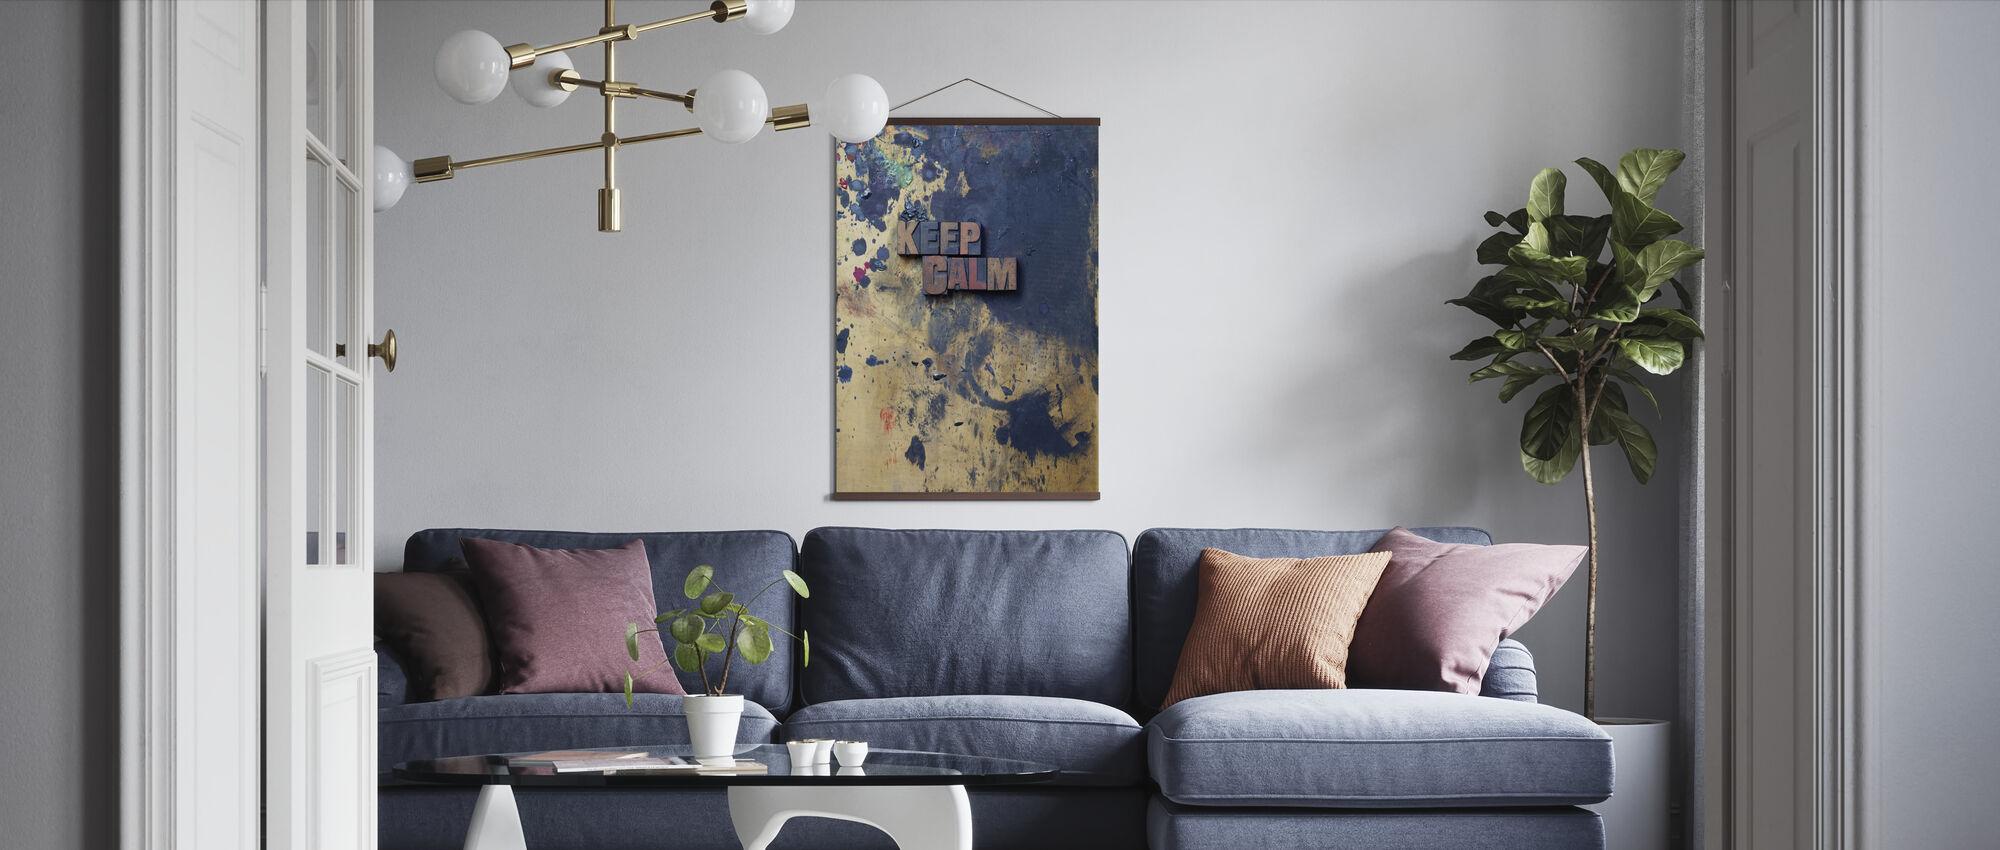 Ruhig bleiben - Poster - Wohnzimmer